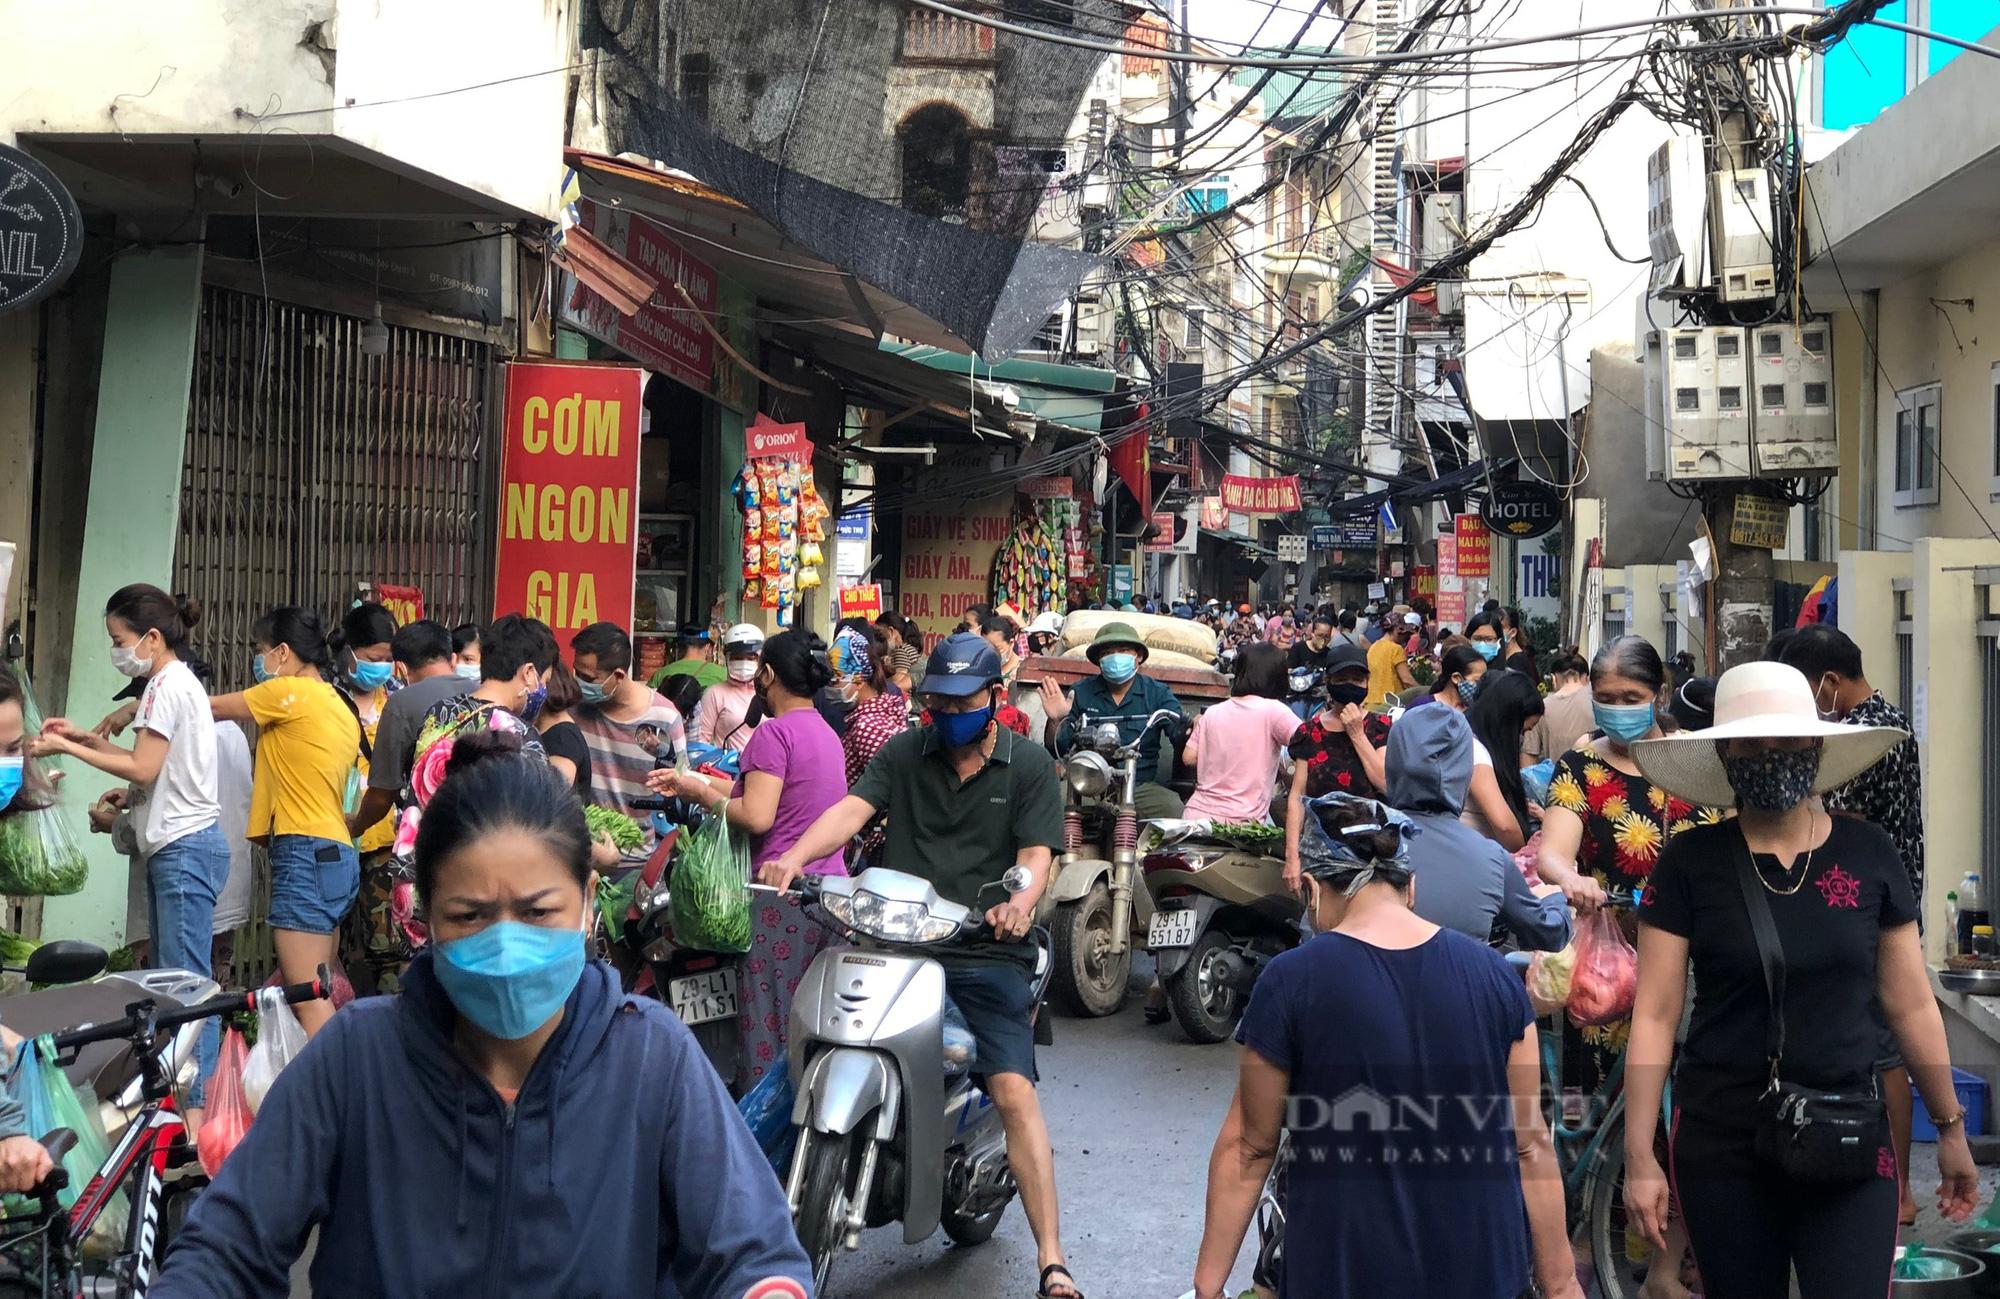 Chợ, siêu thị Hà Nội ngày đầu giãn cách xã hội: Nơi đông đúc, chốn thoáng đãng người dân thoả sức lựa chọn - Ảnh 4.